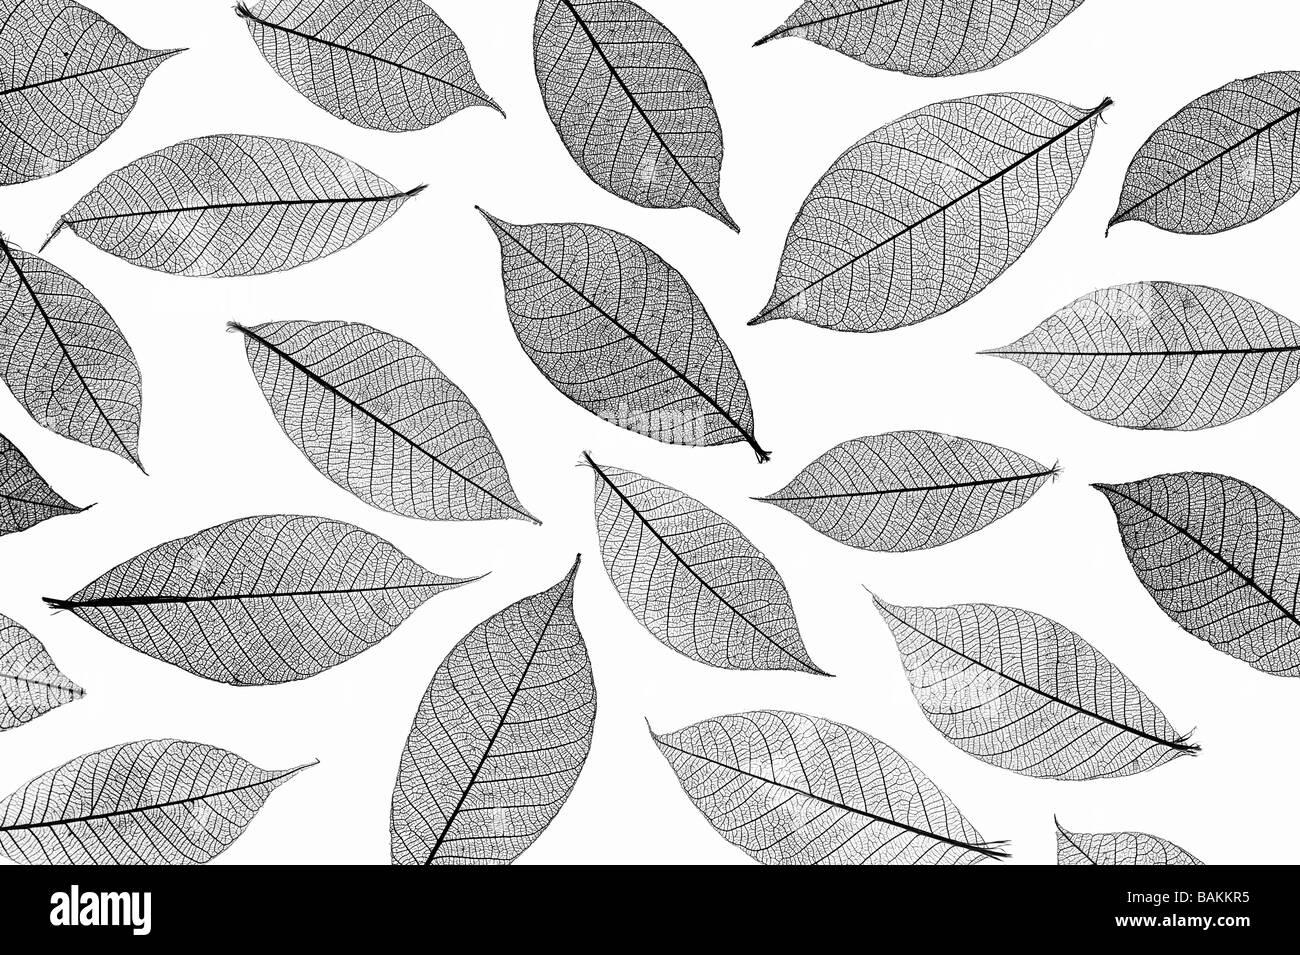 Foglie di scheletro di pattern. In bianco e nero Immagini Stock